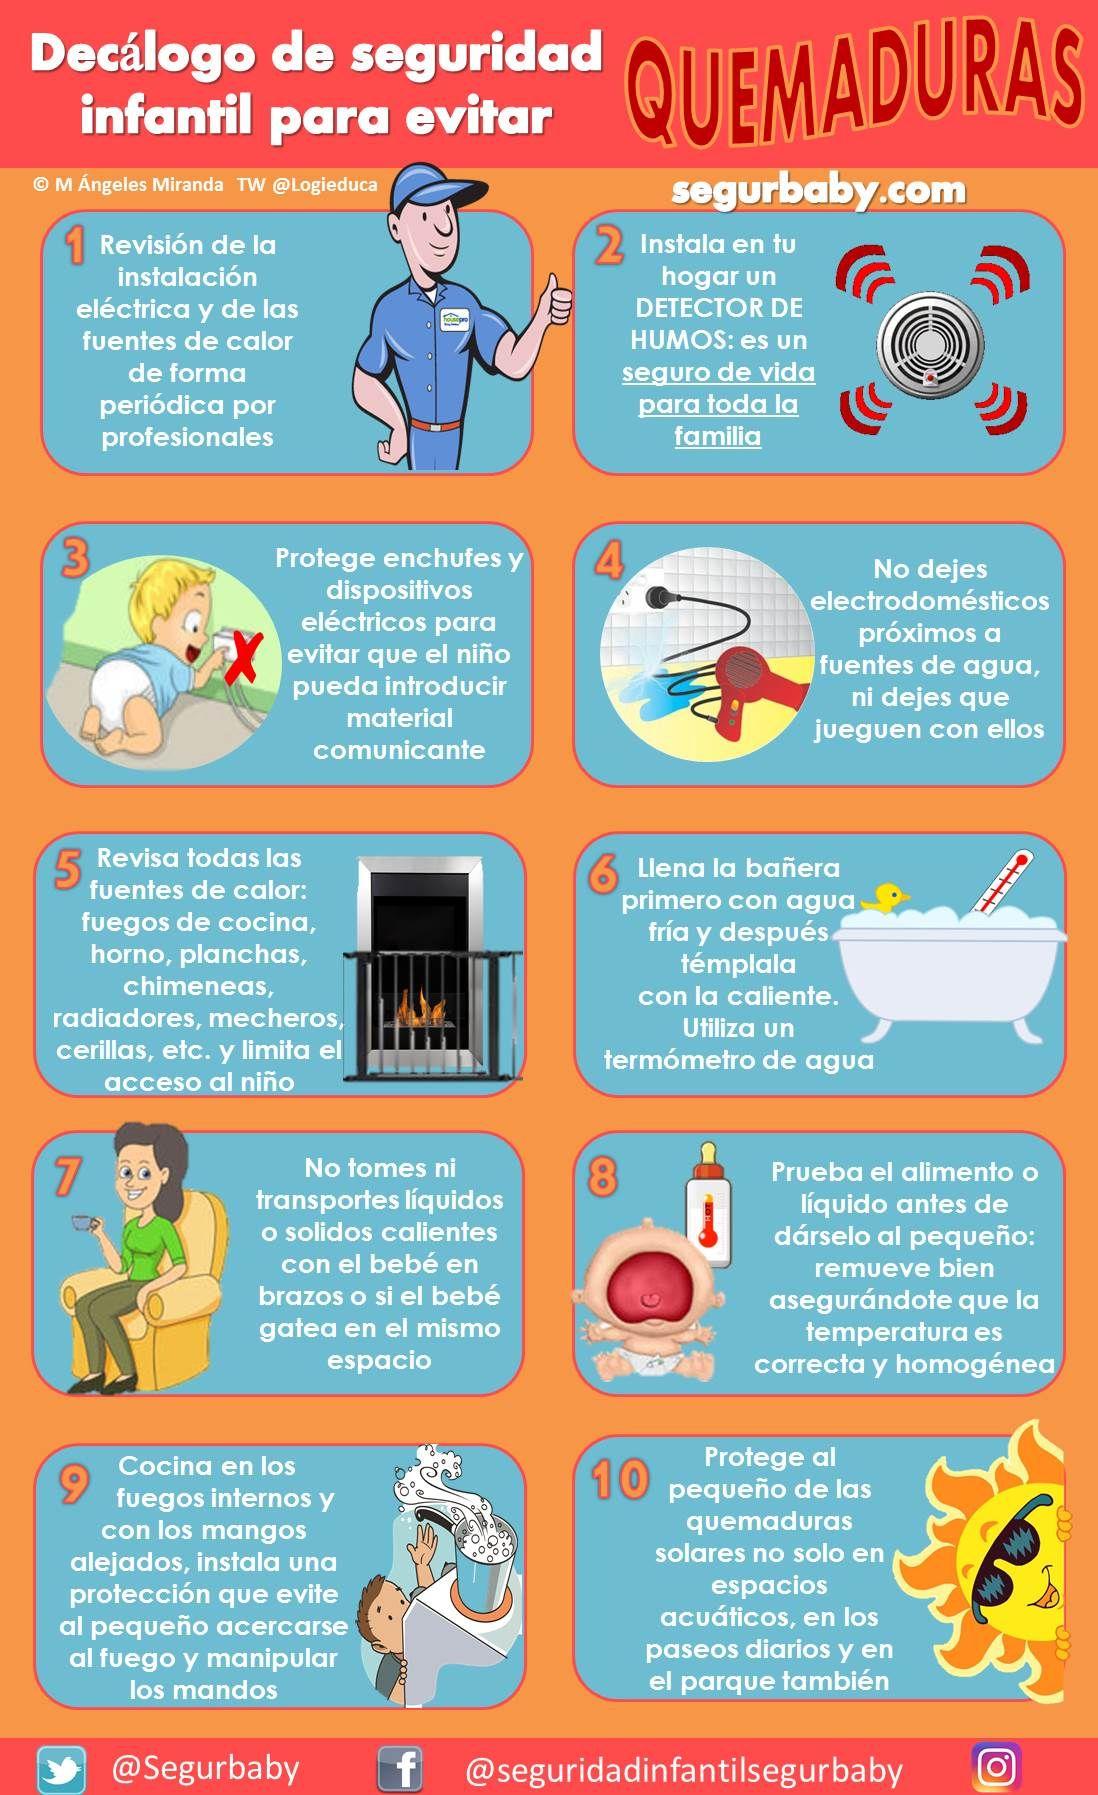 Pin by segurbabycom on Tips de Seguridad Infantil